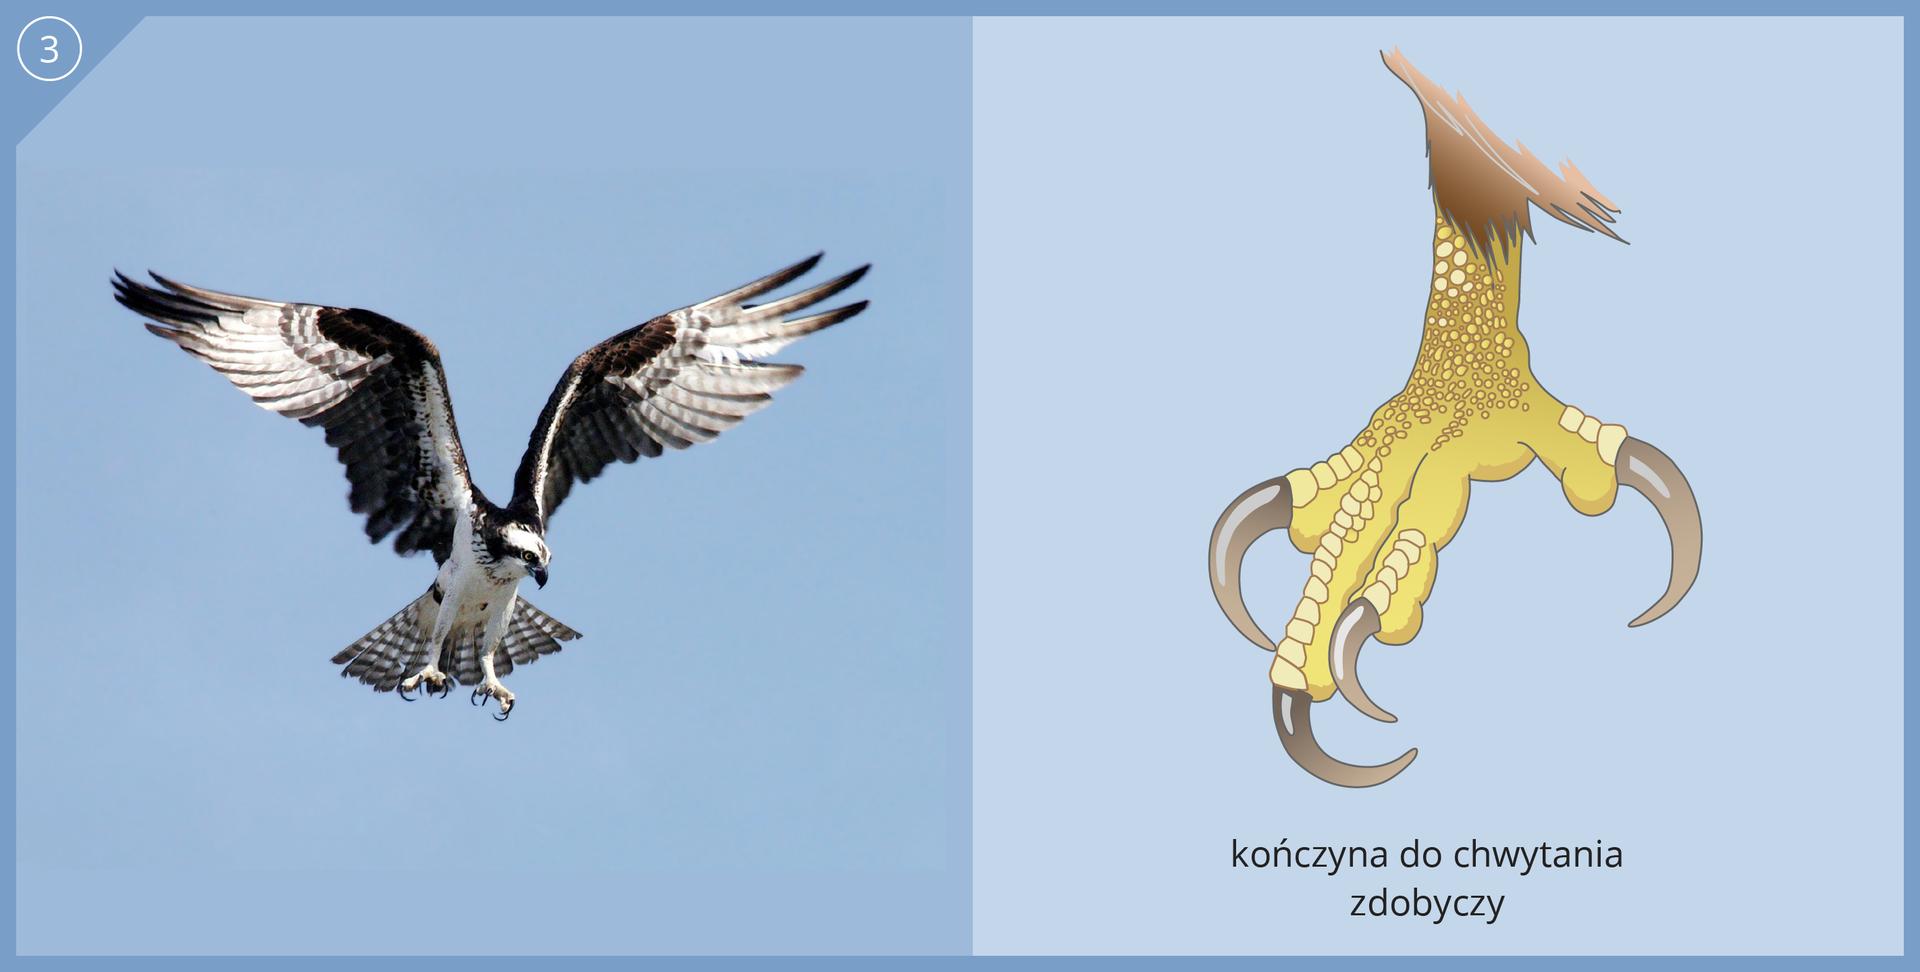 Fotografia przedstawia drapieżnego rybołowa wlocie, szykującego się do złapania zdobyczy. Czarno biały ptak ma uniesione izgięte długie skrzydła zrozcapierzonymi lotkami. Głowa wdół, szpony haczykowate, rozstawione. Ilustracja przedstawia kończynę, przystosowaną do chwytania zdobyczy. Żółte palce są krótkie, zgrubiałe, czwarty podobny do trzech pozostałych. Pazury bardzo długie, mocno zagięte, ostre.